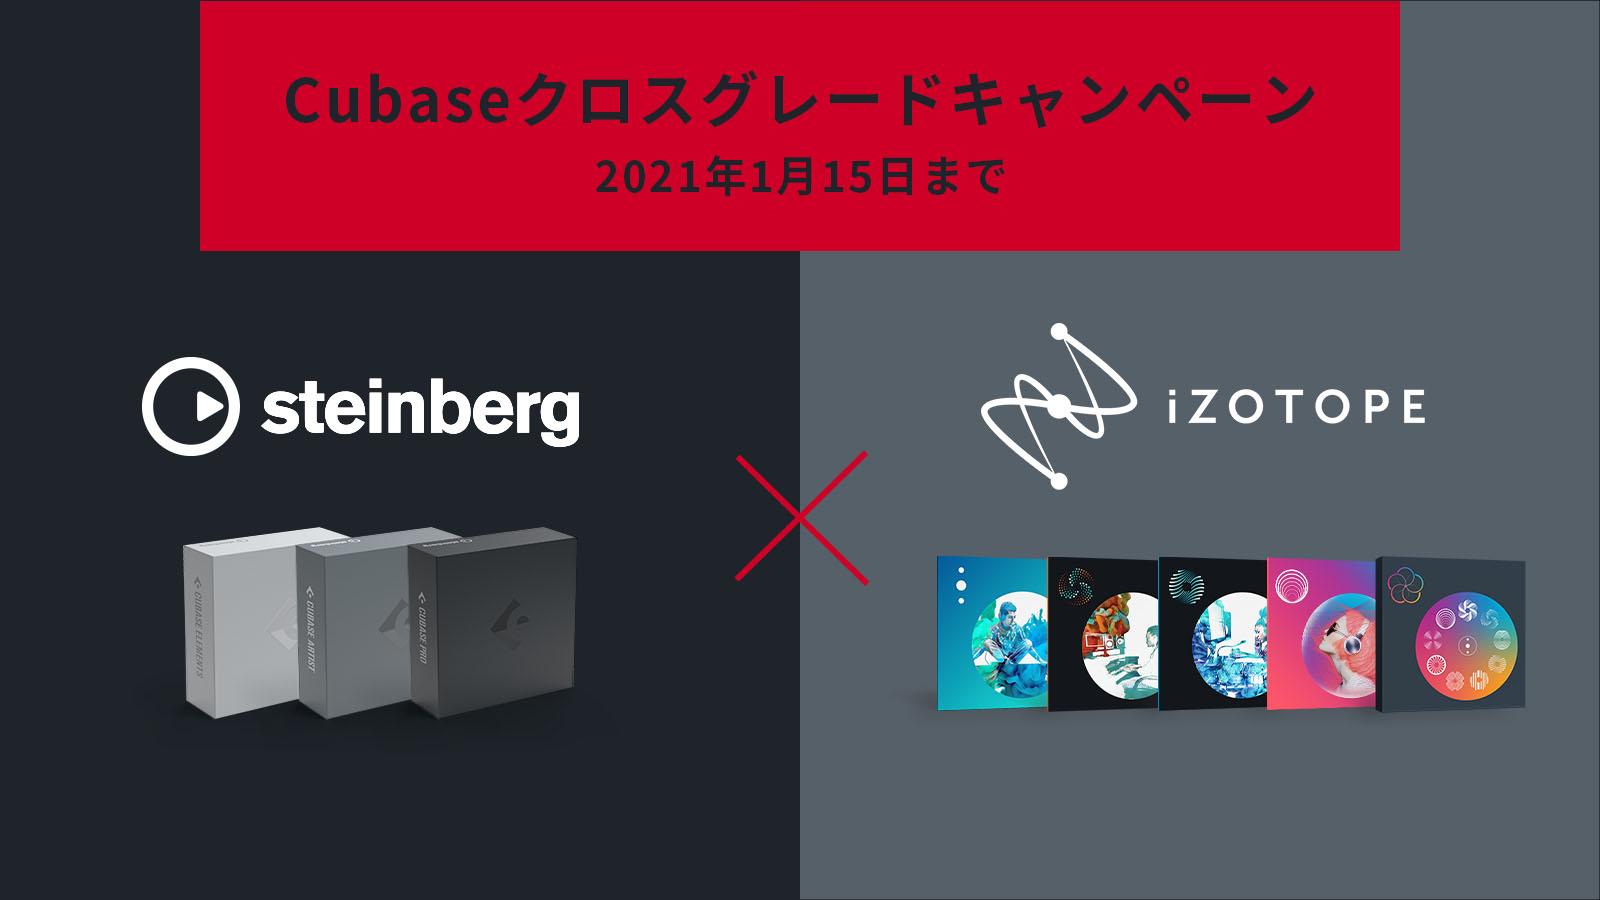 【最大72%OFF】日本限定Steinberg×iZotopeコラボレーション!Cubaseユーザー限定クロスグレード開始